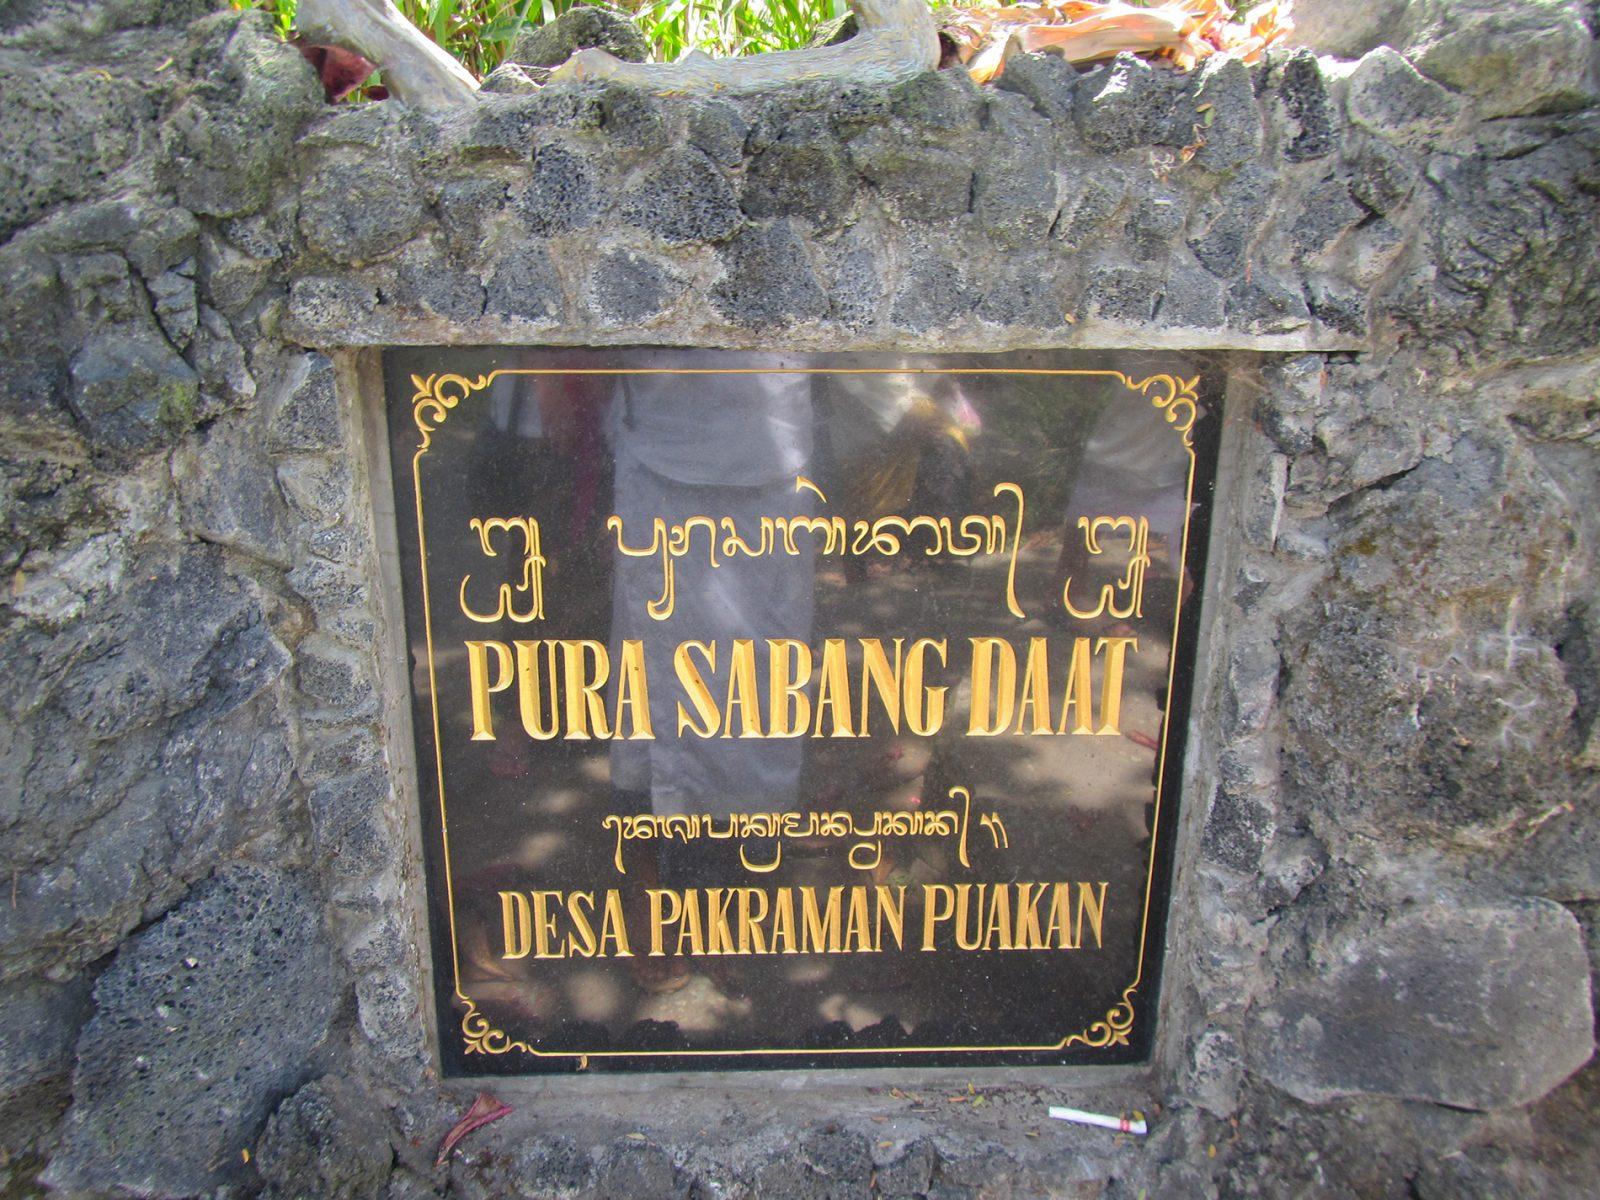 sabang-daat-temple